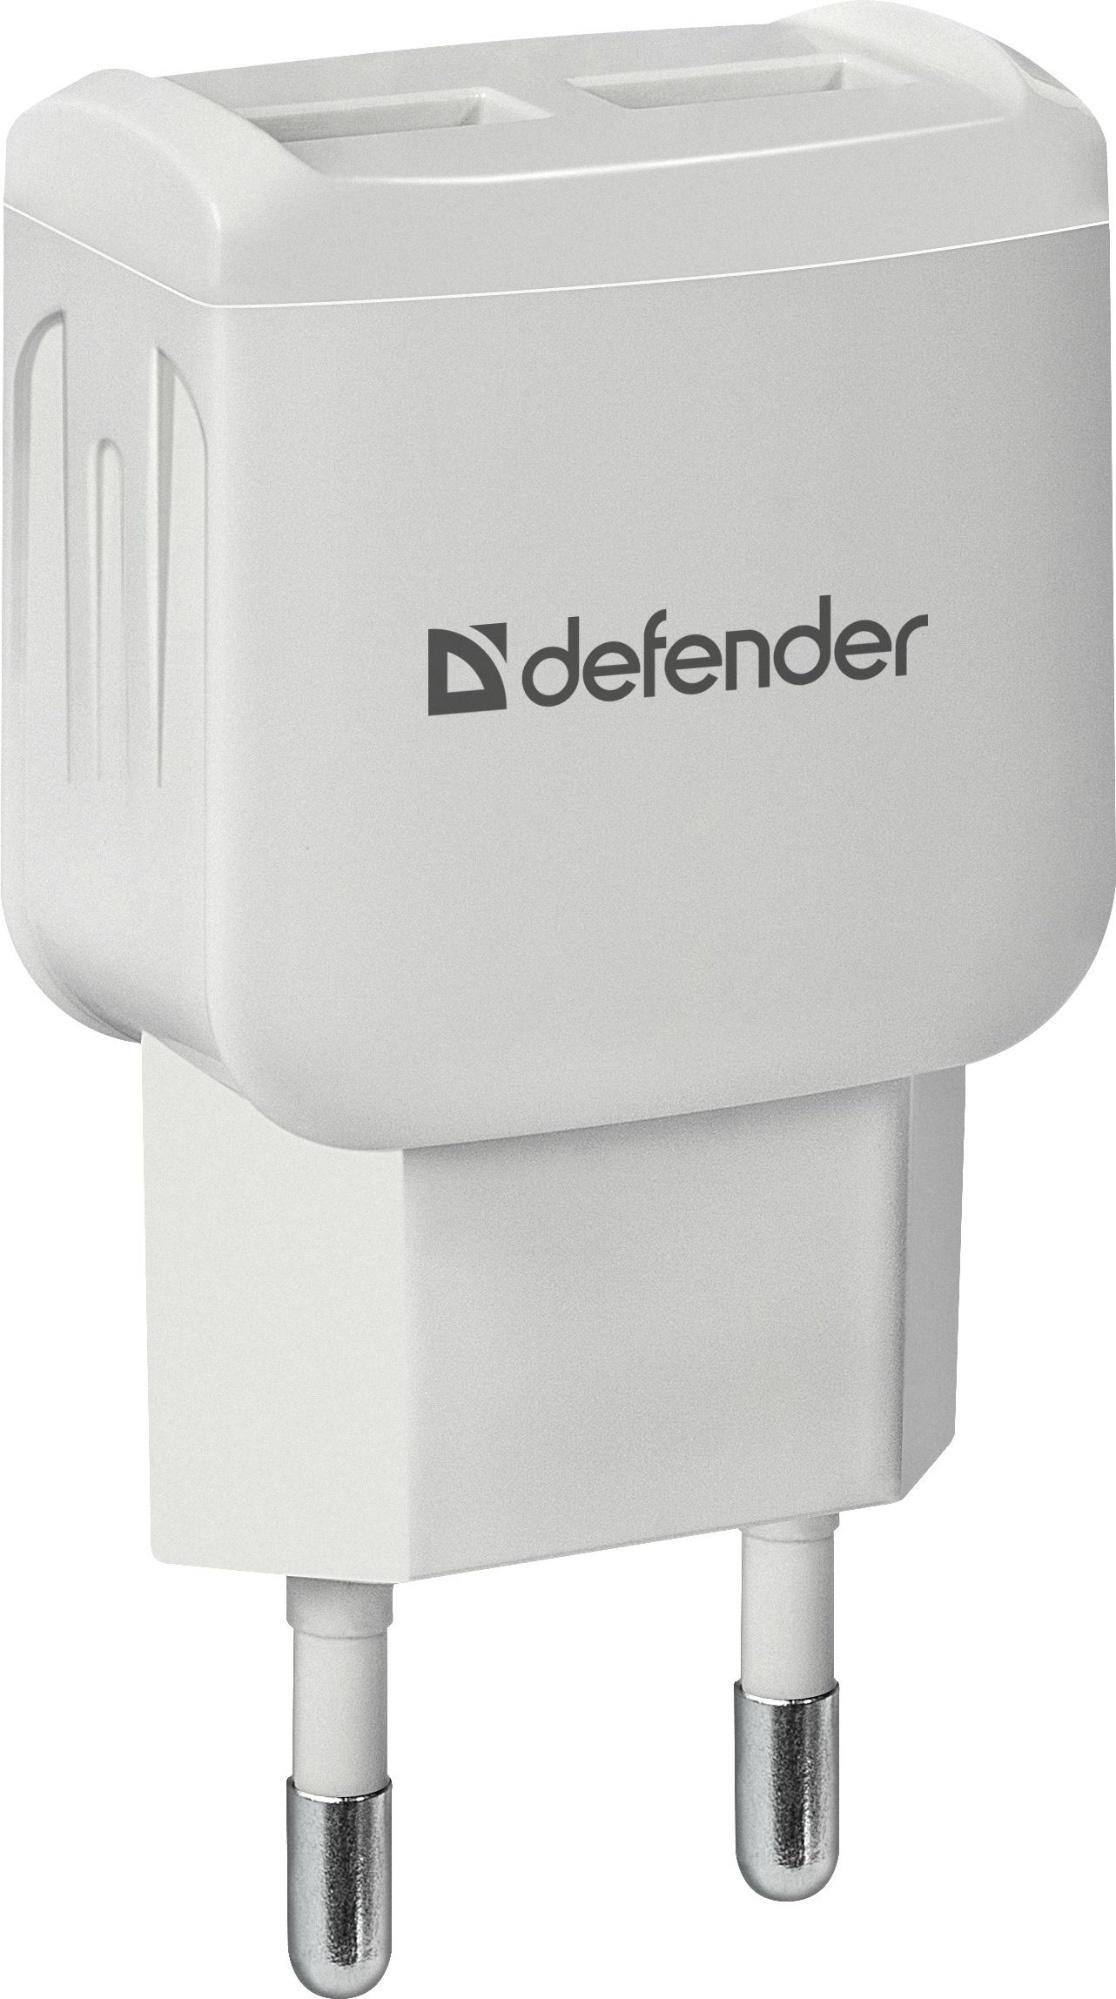 Фото - Сетевой адаптер Defender EPA-13 белый, 2xUSB, 5V/2.1А, пакет планшетные компьютеры